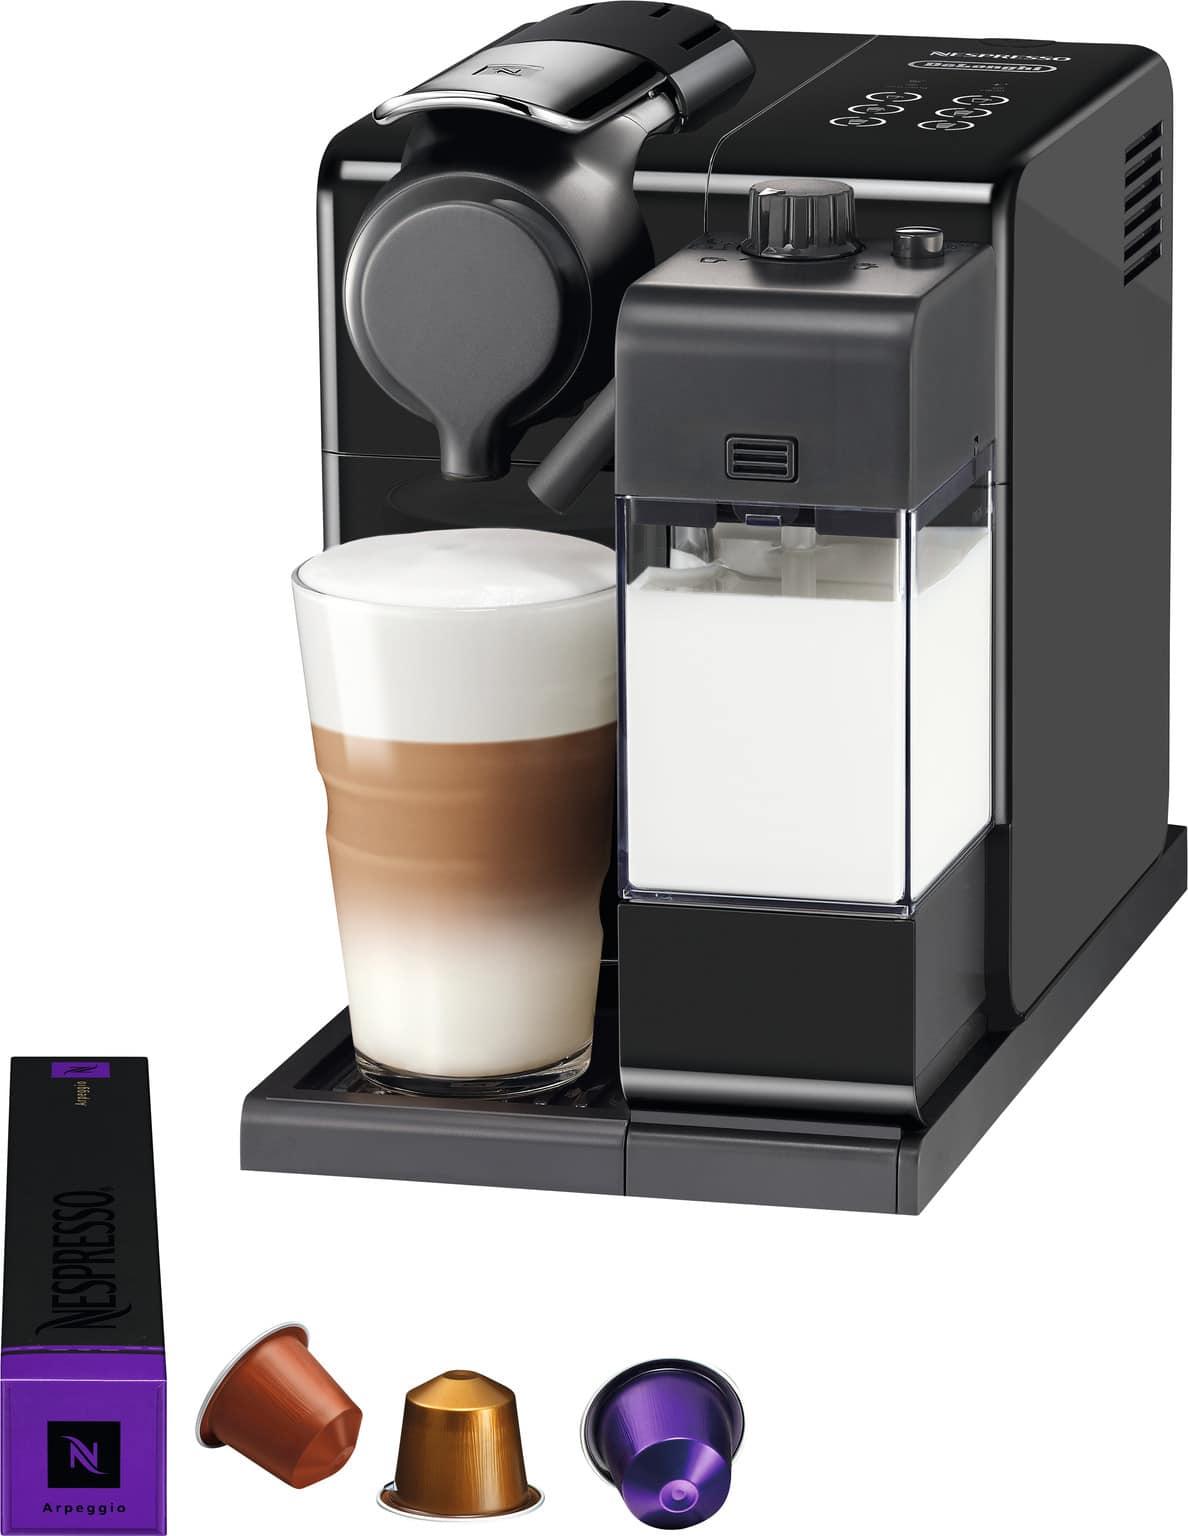 Nespresso lattissima koffiecupmachine met melkopschuimer